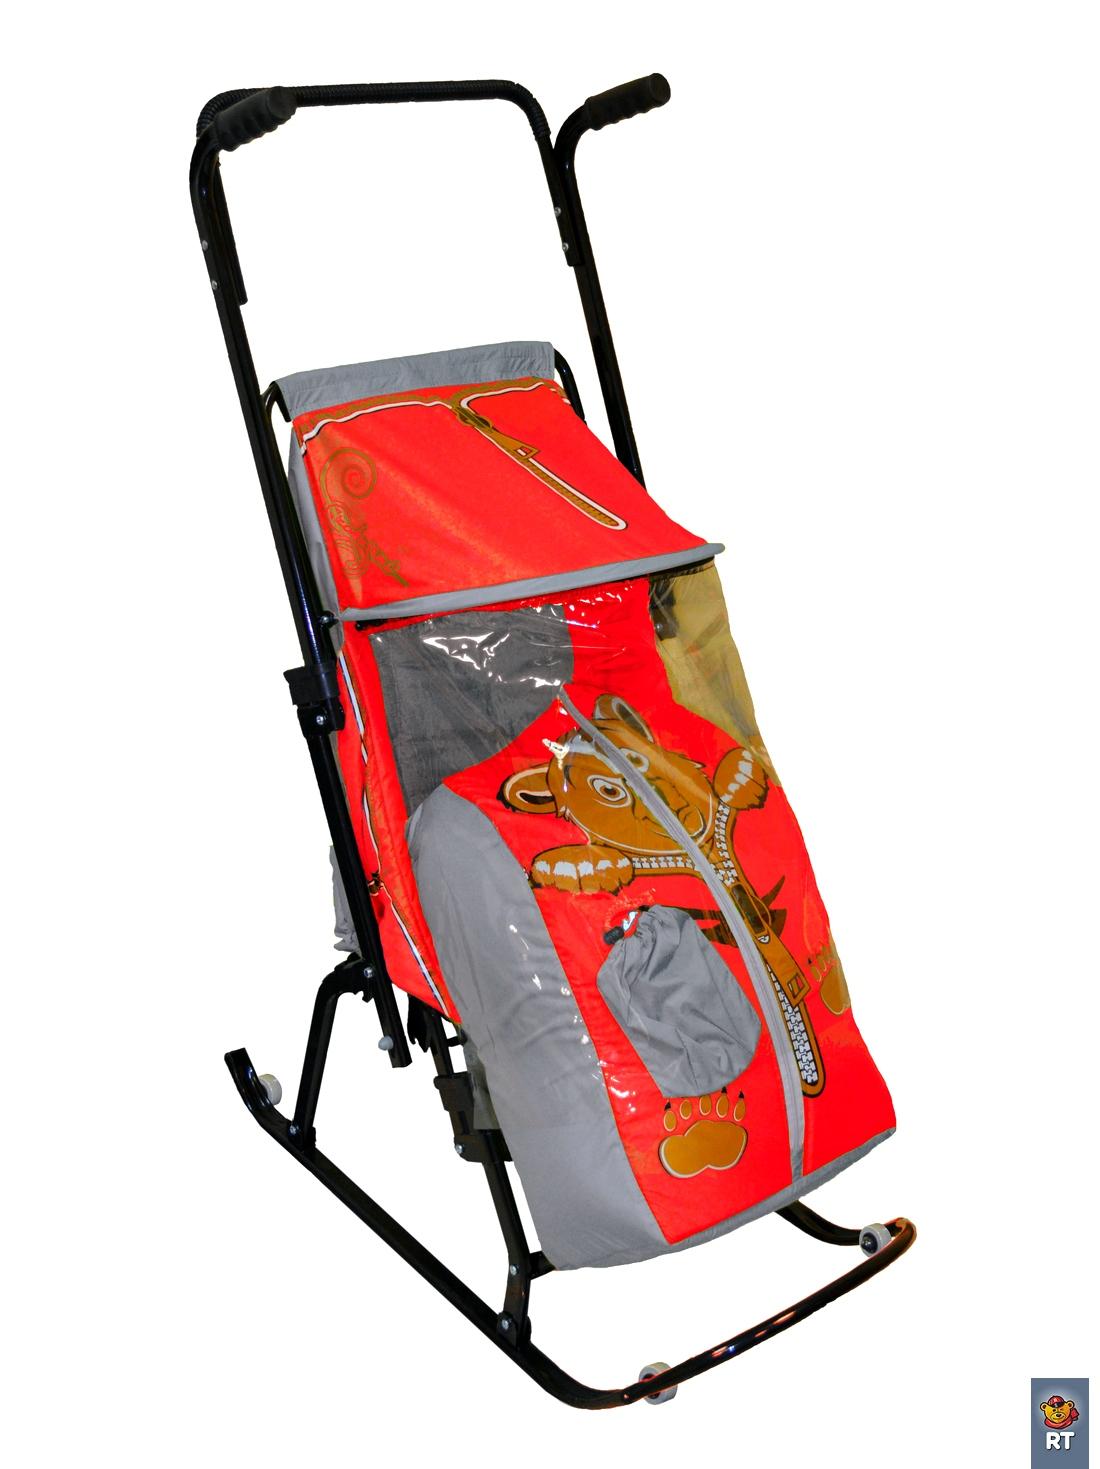 Санки-коляска Снегурочка 4-Р Медвежонок с 4 колесиками, цвет: серый-красныйСанки и сани-коляски<br>Санки-коляска Снегурочка 4-Р Медвежонок с 4 колесиками, цвет: серый-красный<br>